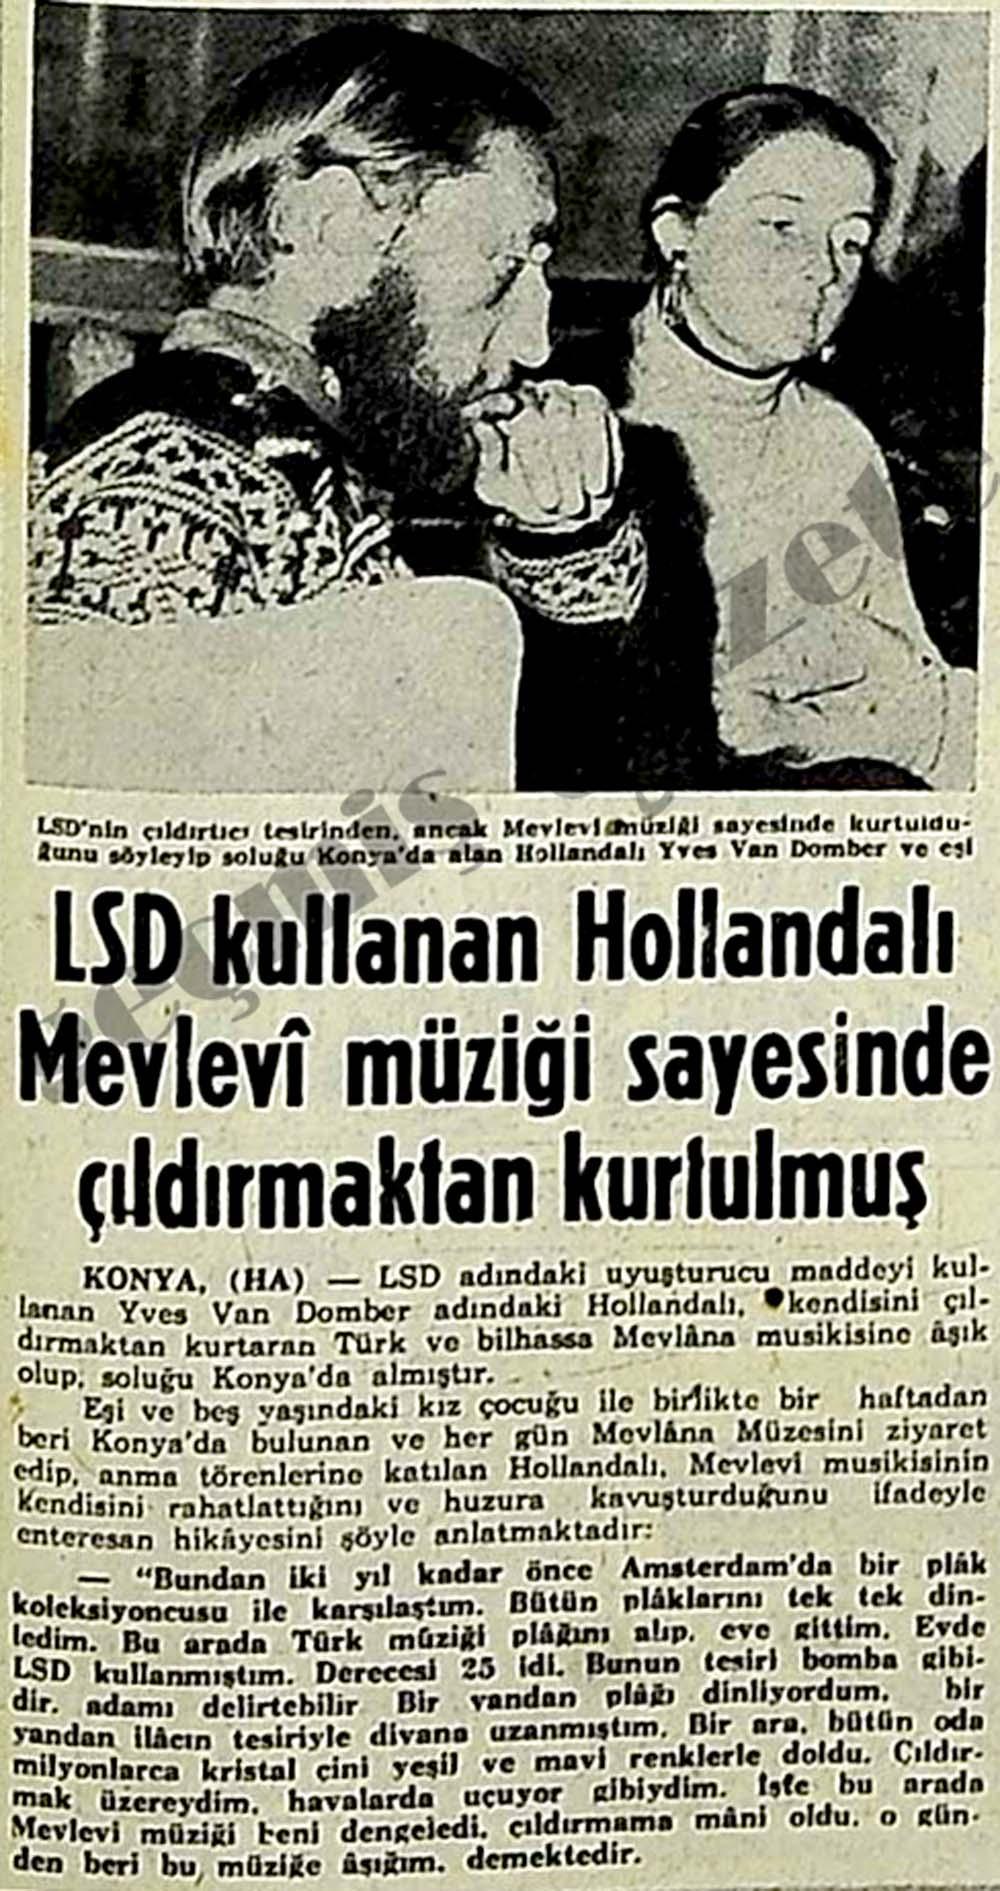 LSD kullanan Hollandalı Mevlevi müziği sayesinde çıldırmaktan kurtulmuş